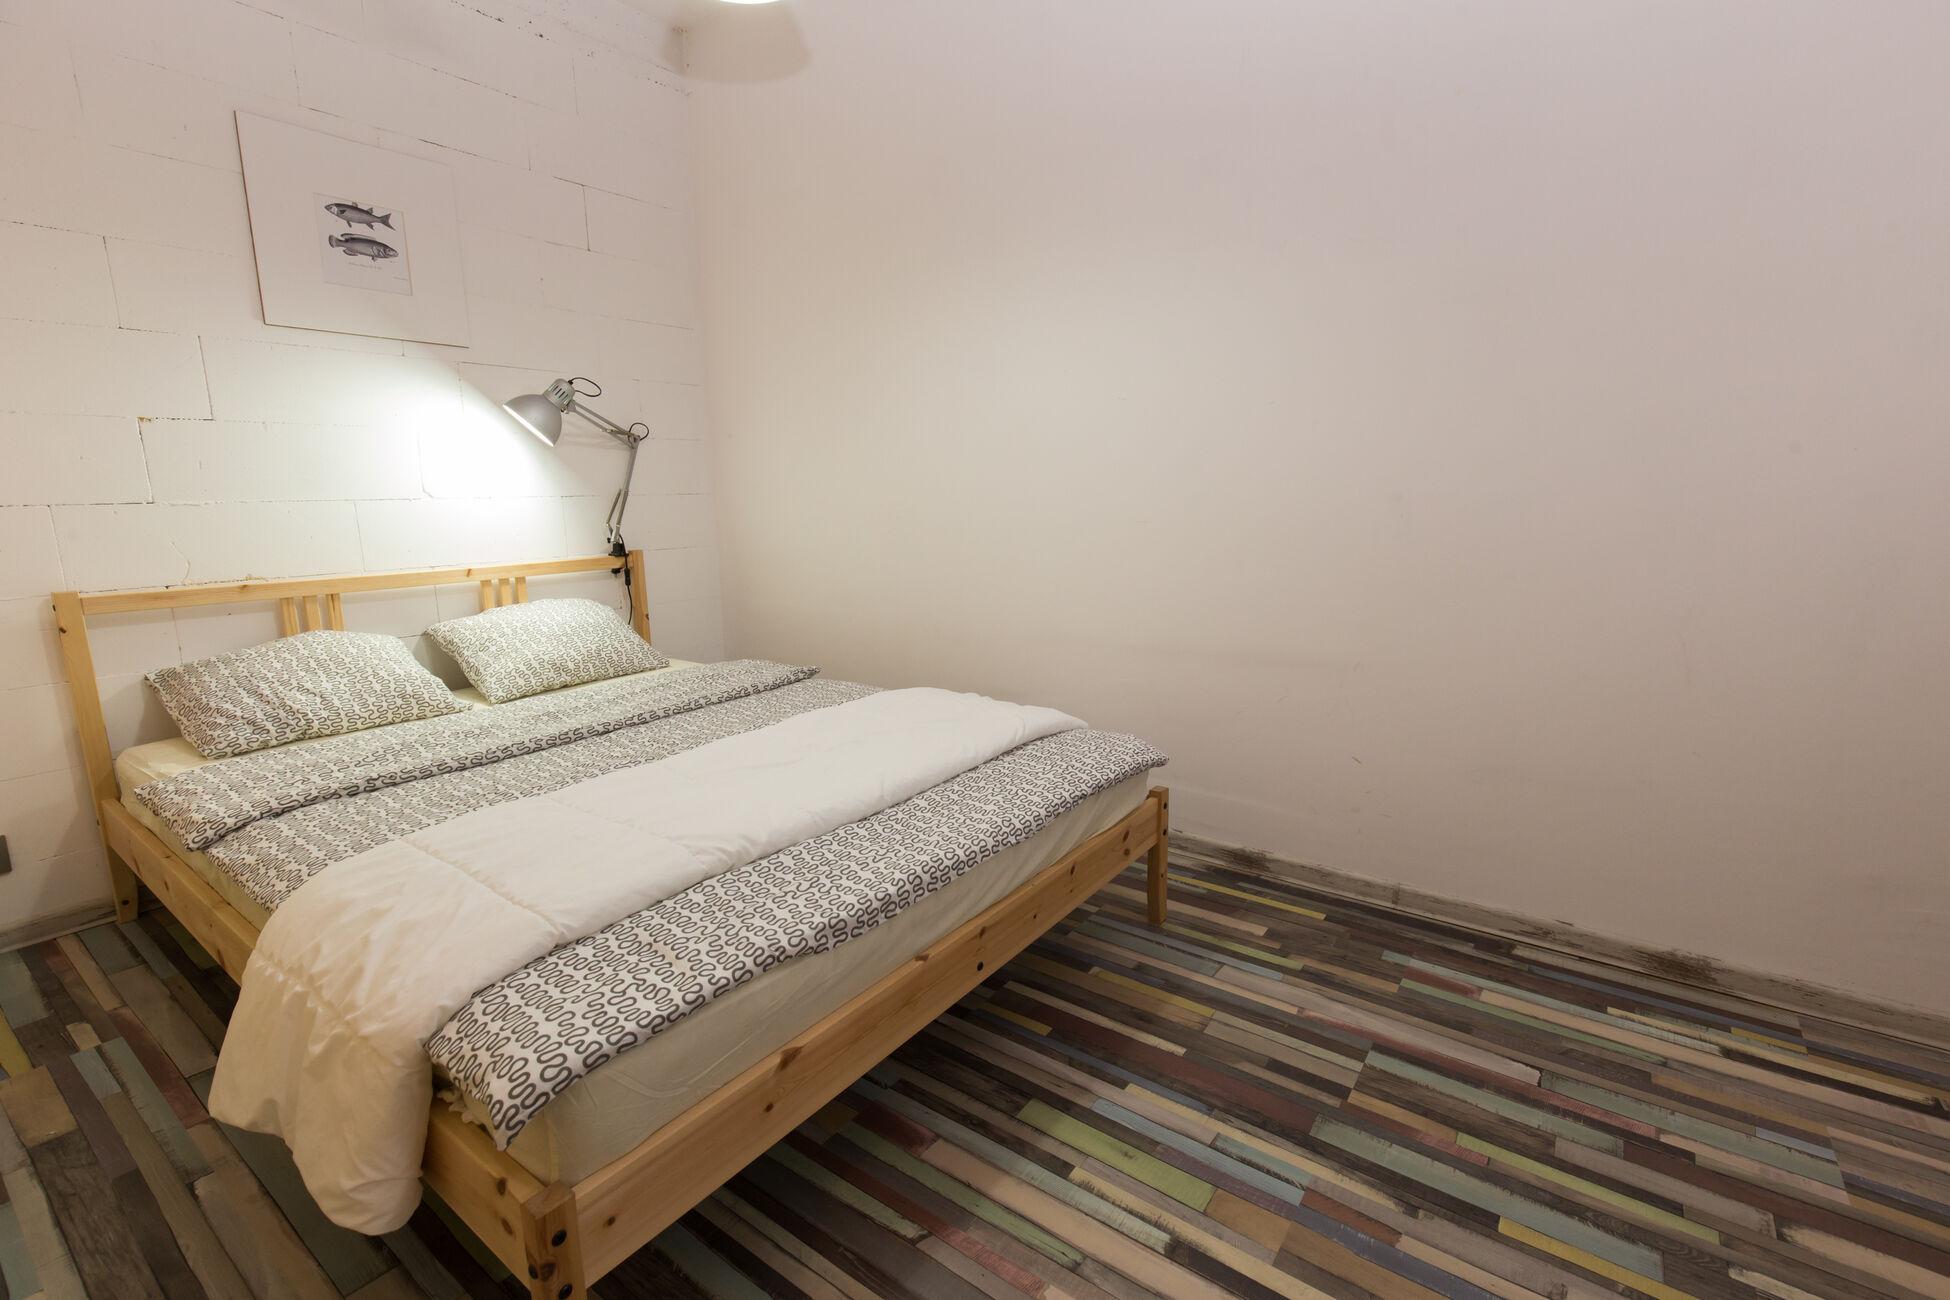 apartamenty z łóżkiem podwójnym